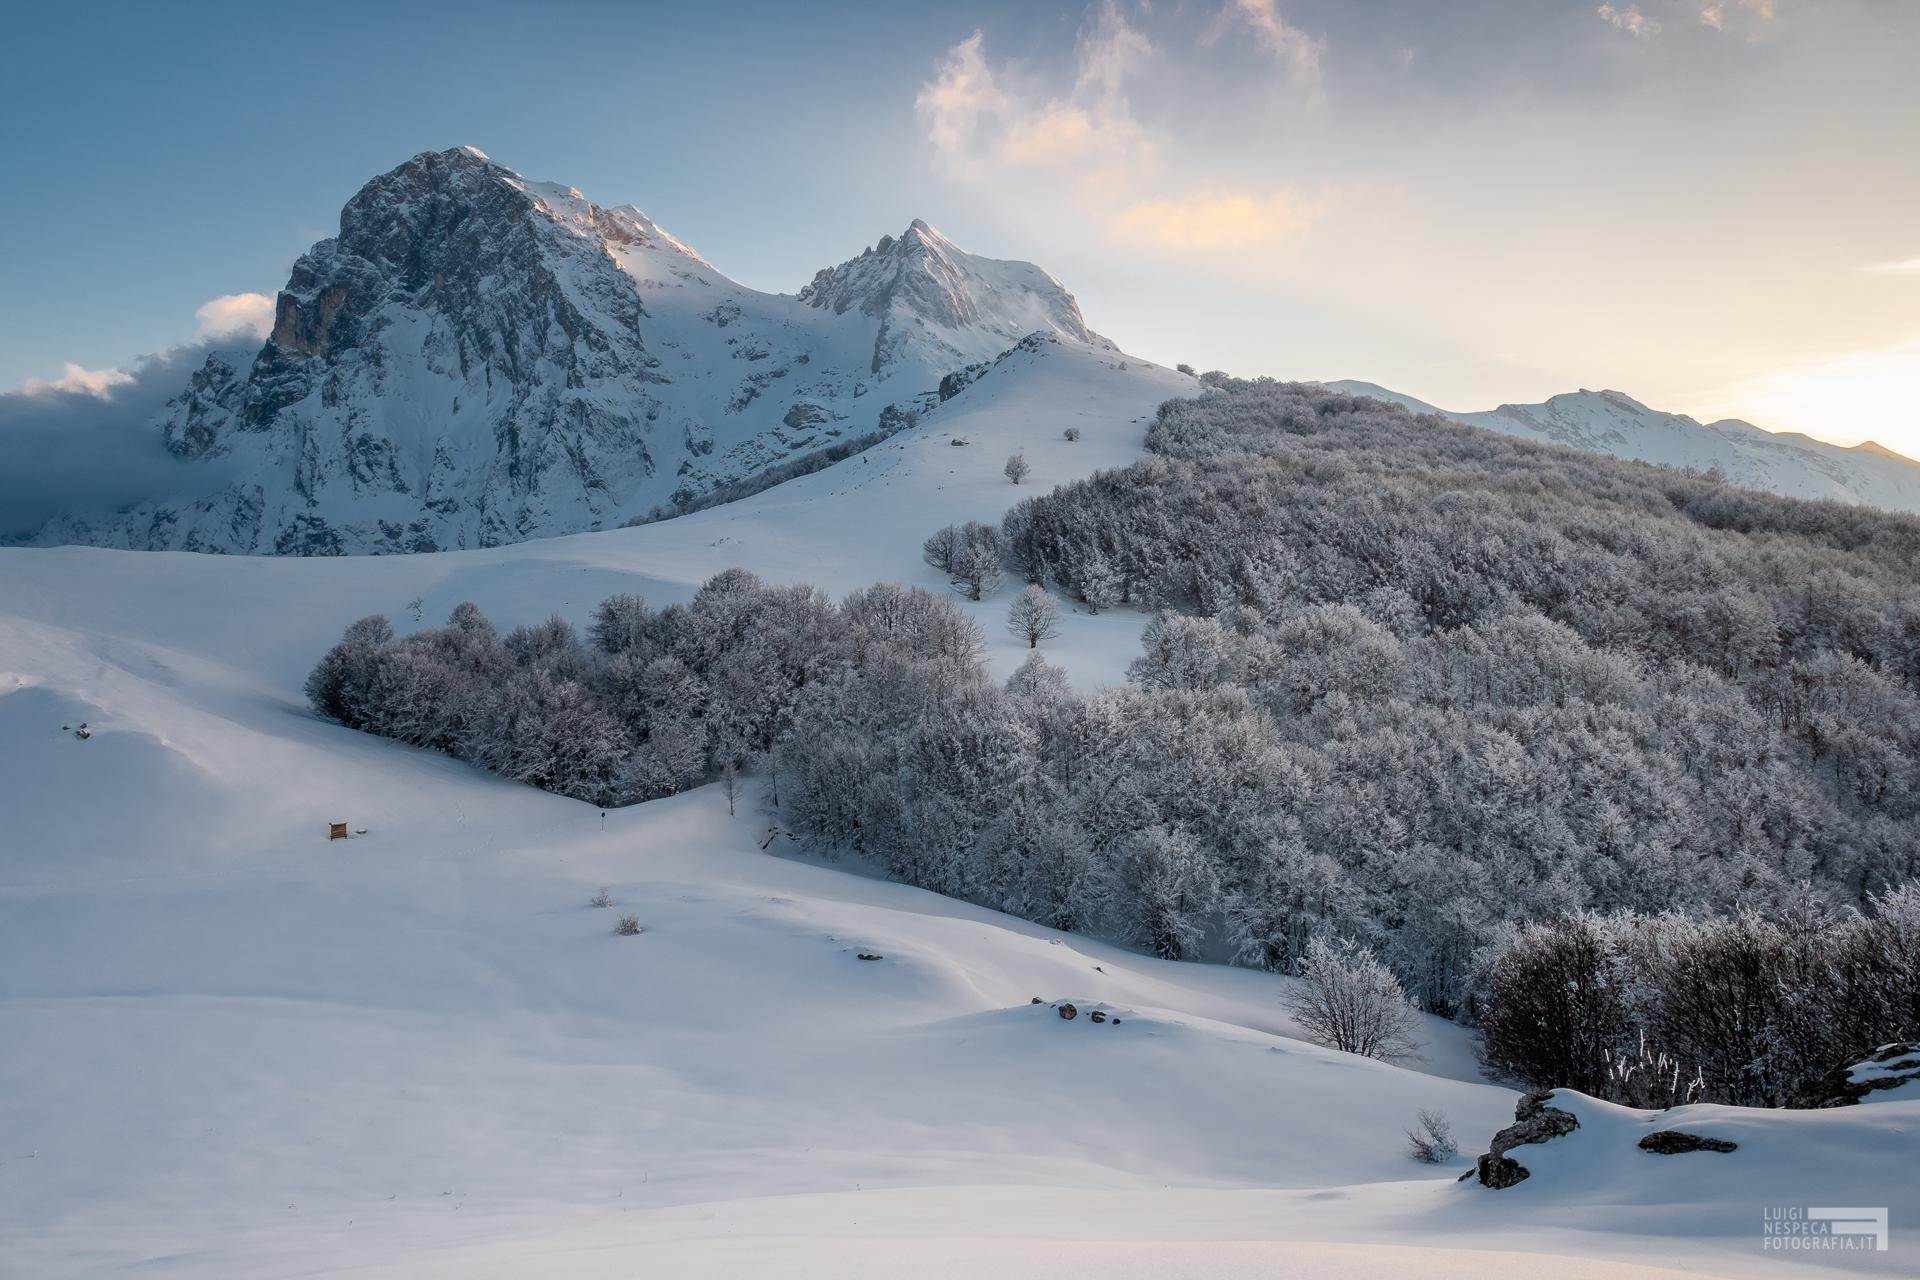 24 - Gran Sasso manto invernale - Cima Alta - Marzo '21